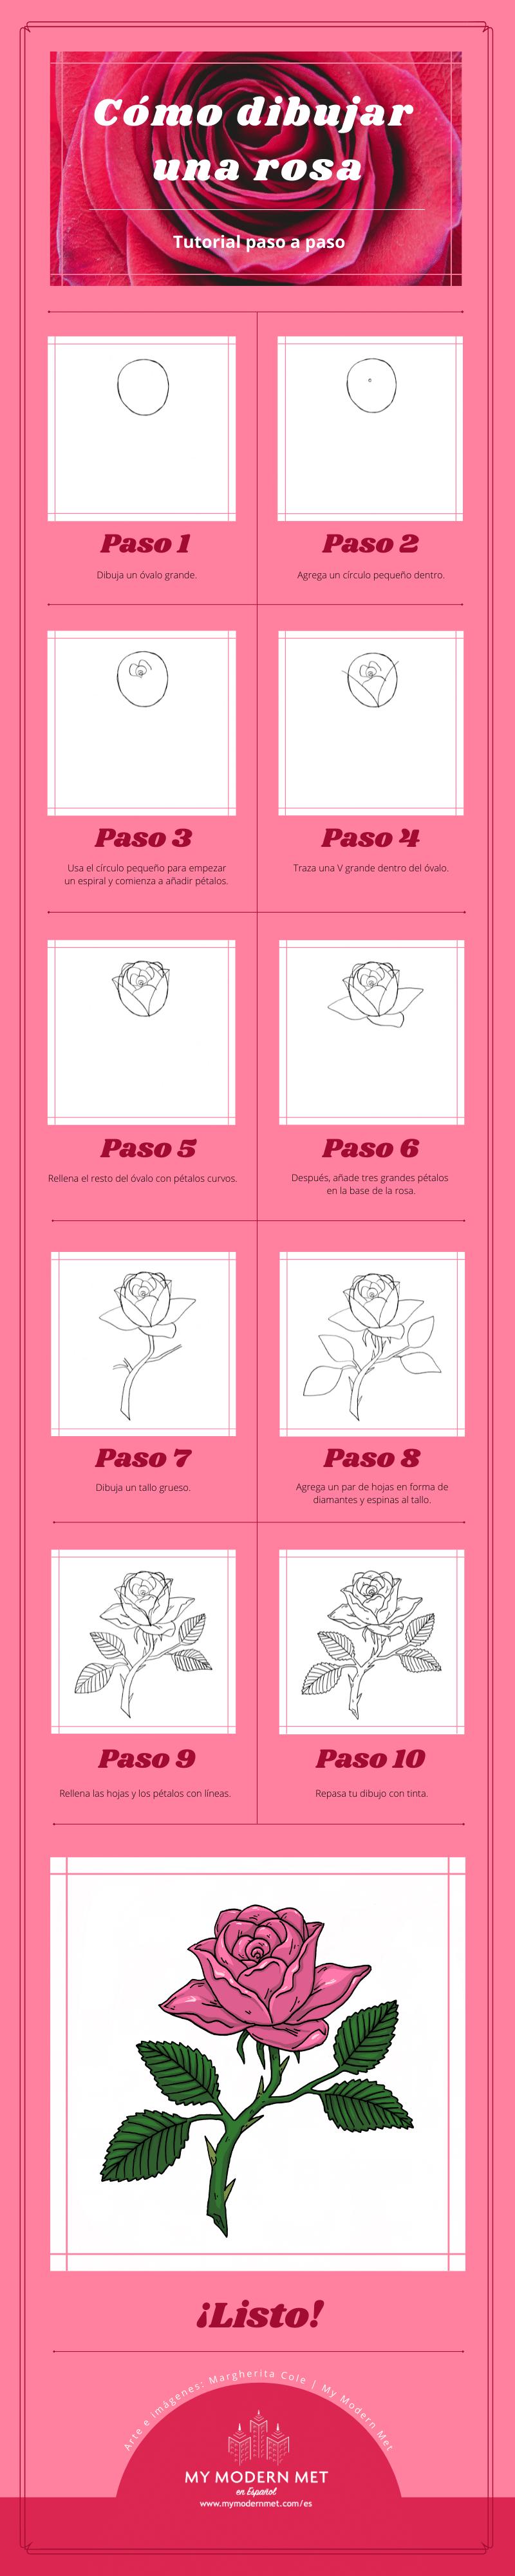 Infografía para hacer un dibujo de una rosa